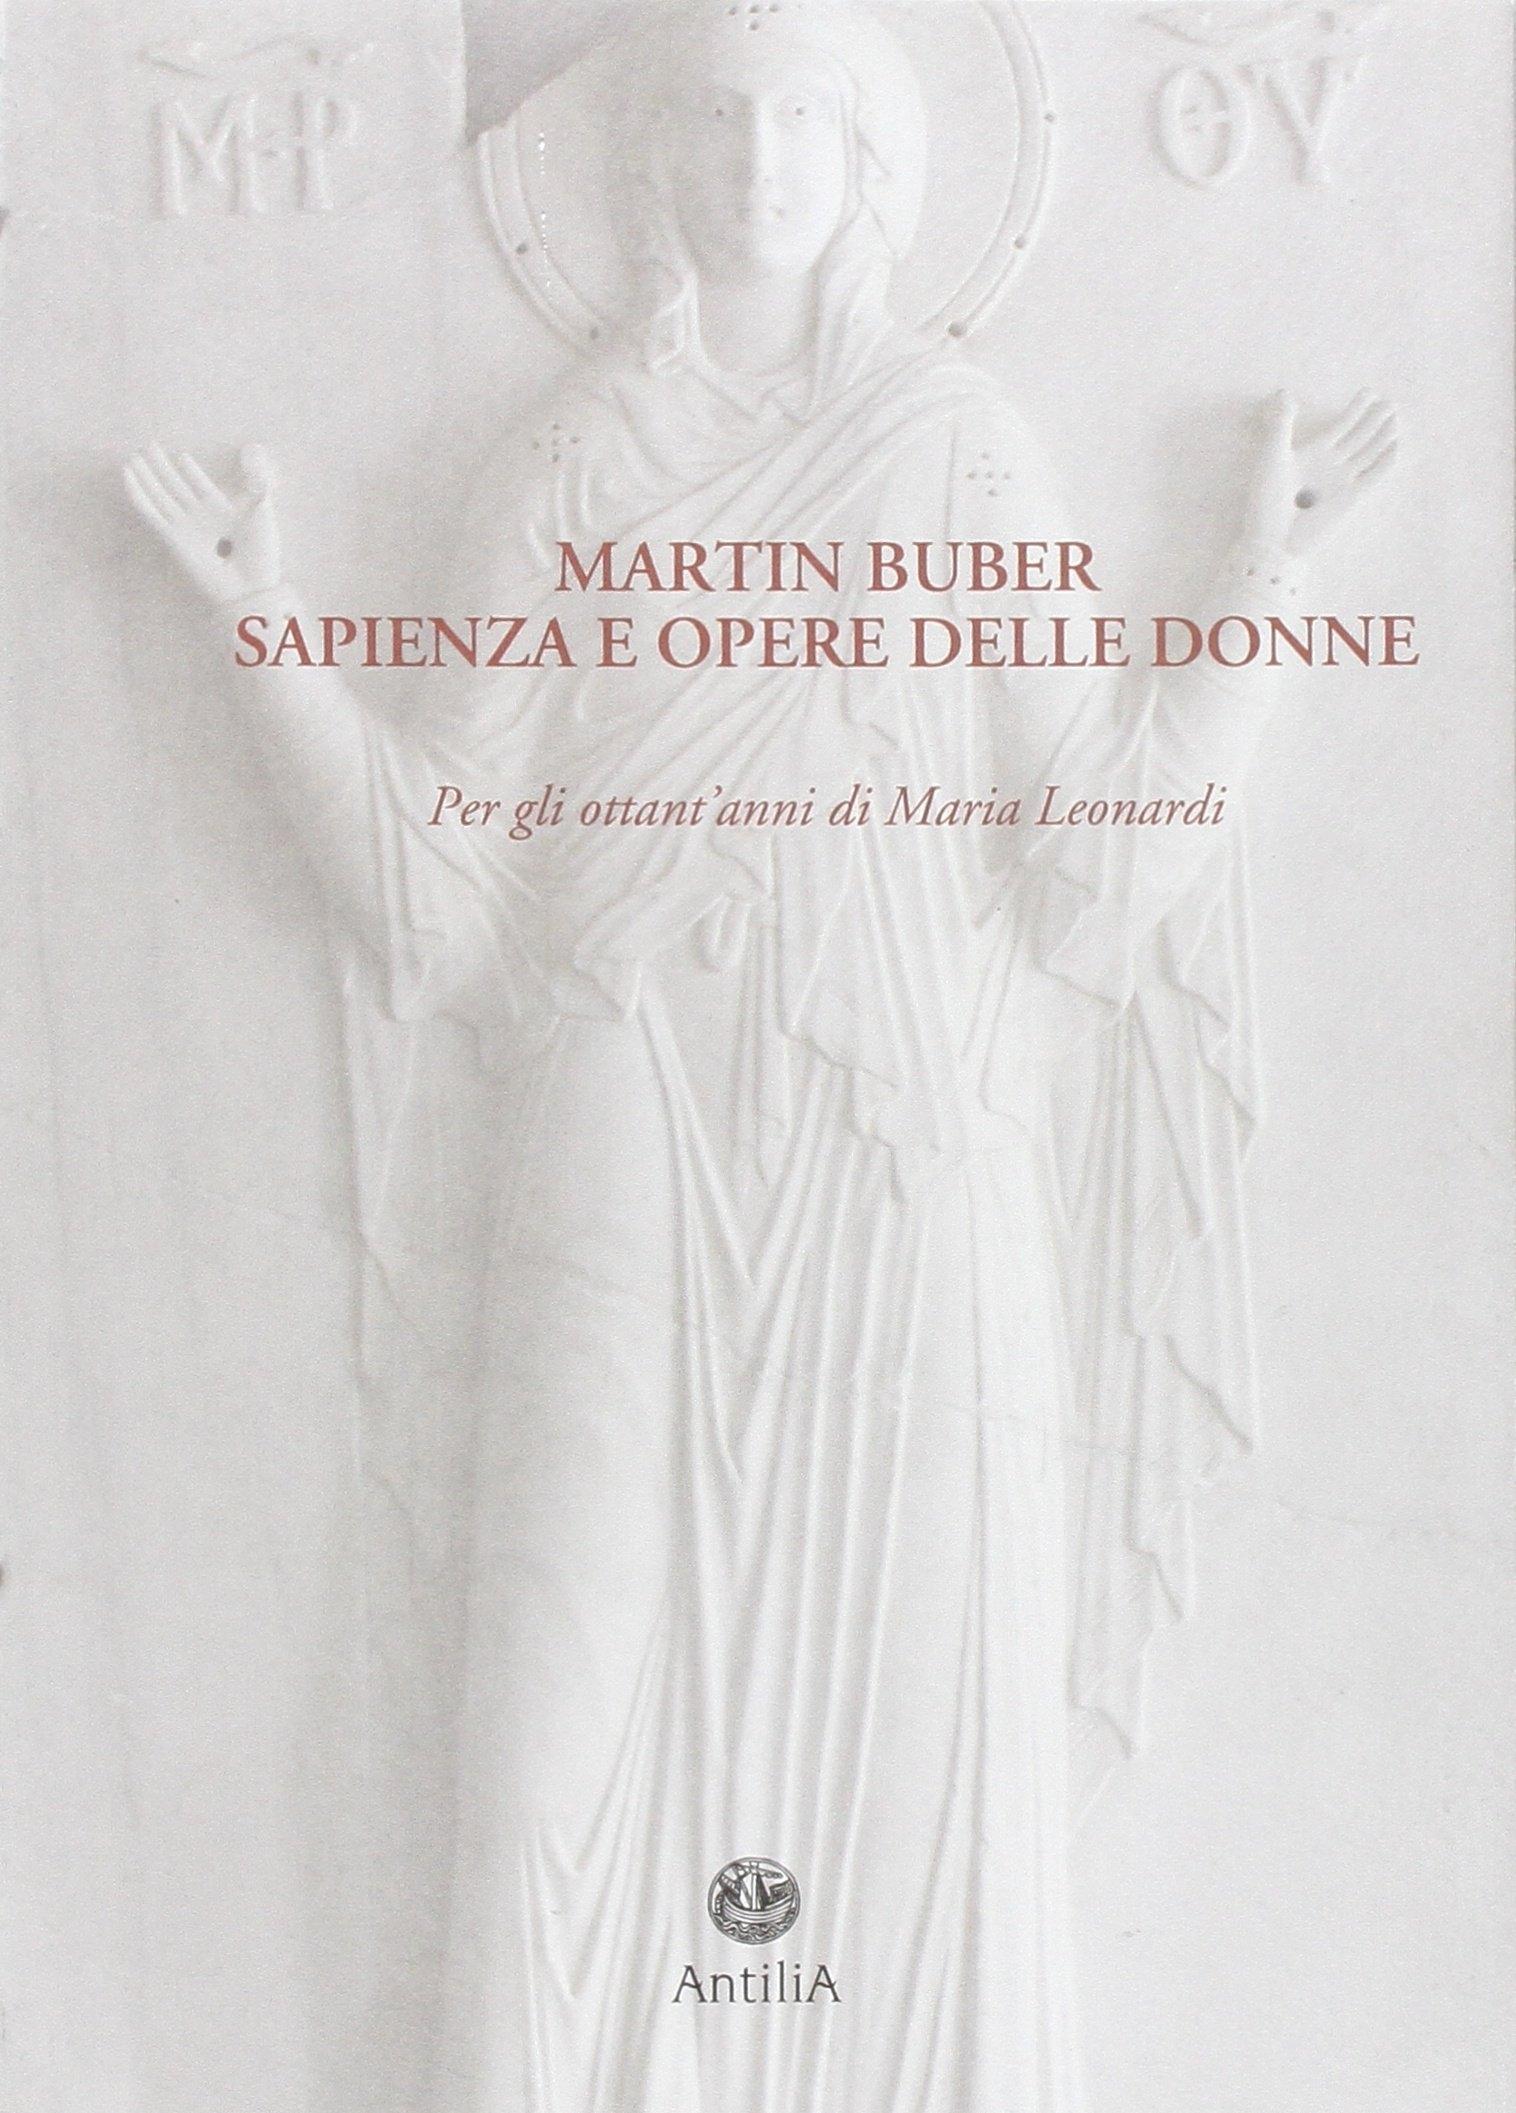 Martin Buber. Sapienza e opere delle donne.